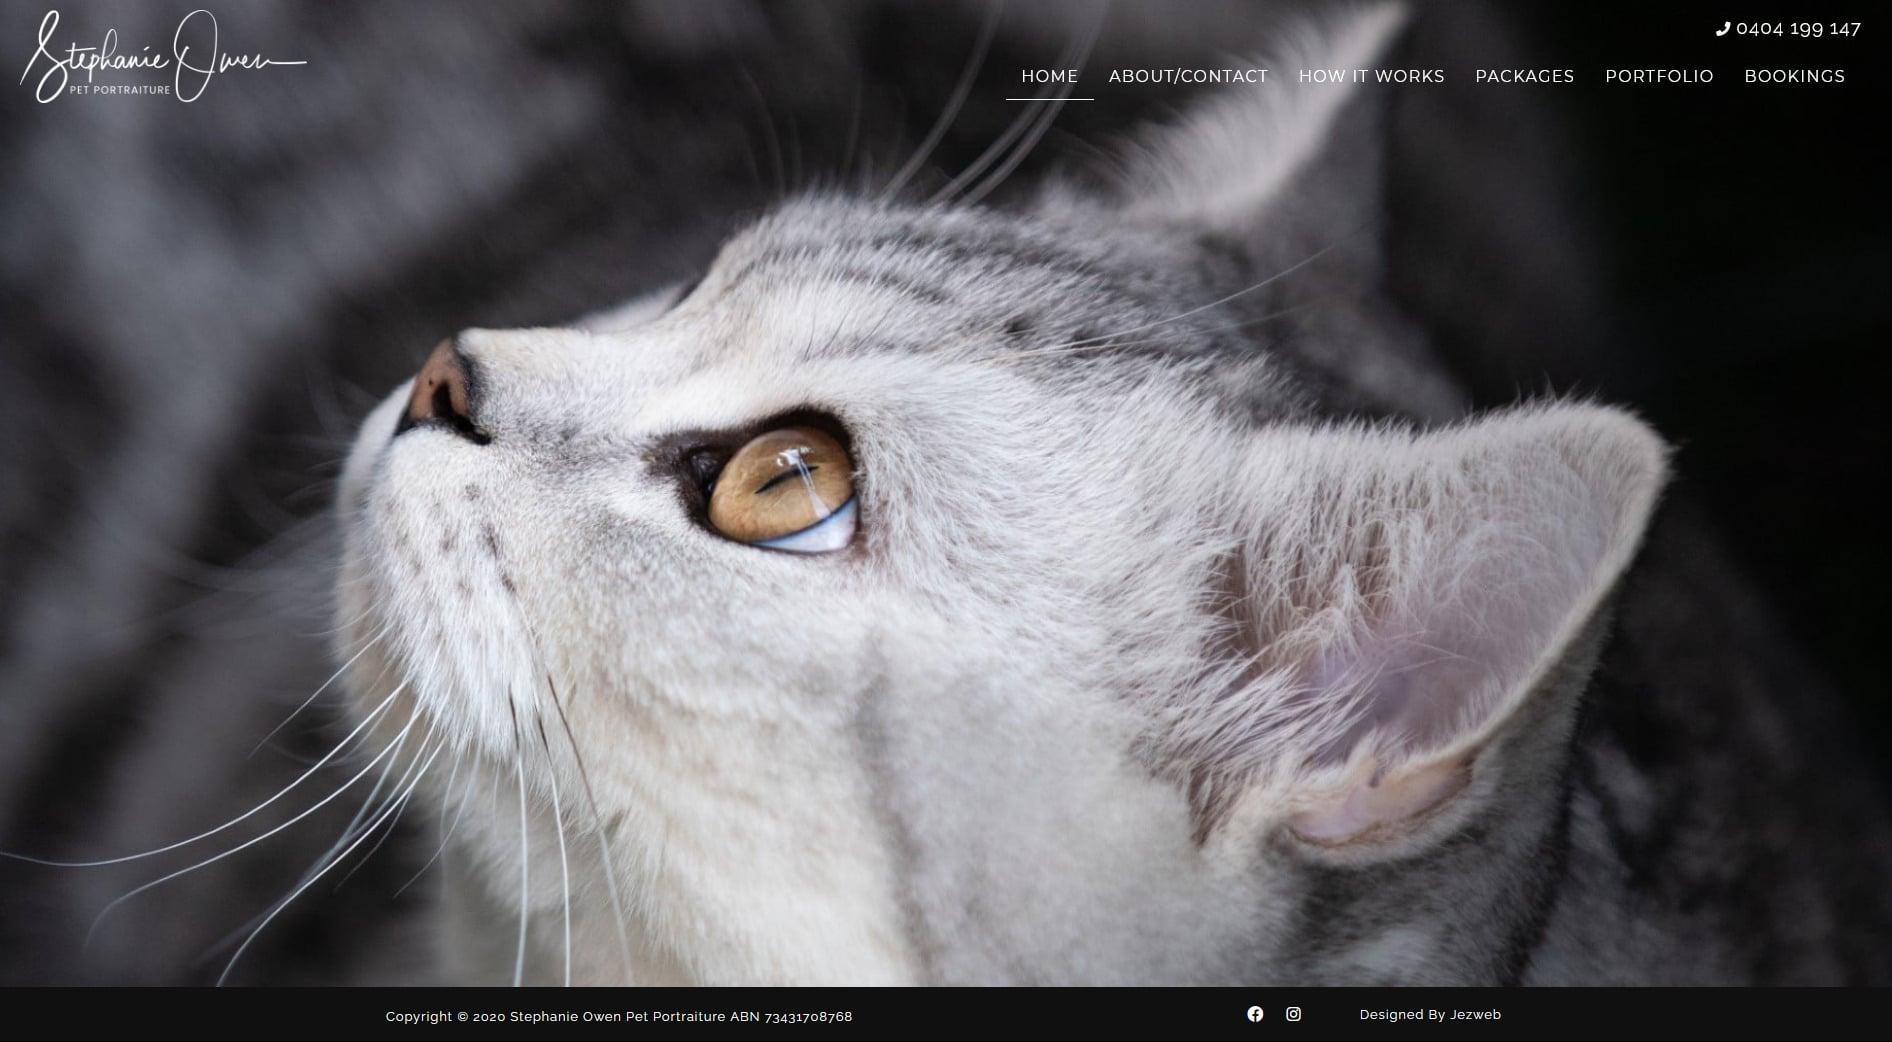 Stephanie Owen Pet Portraiture -